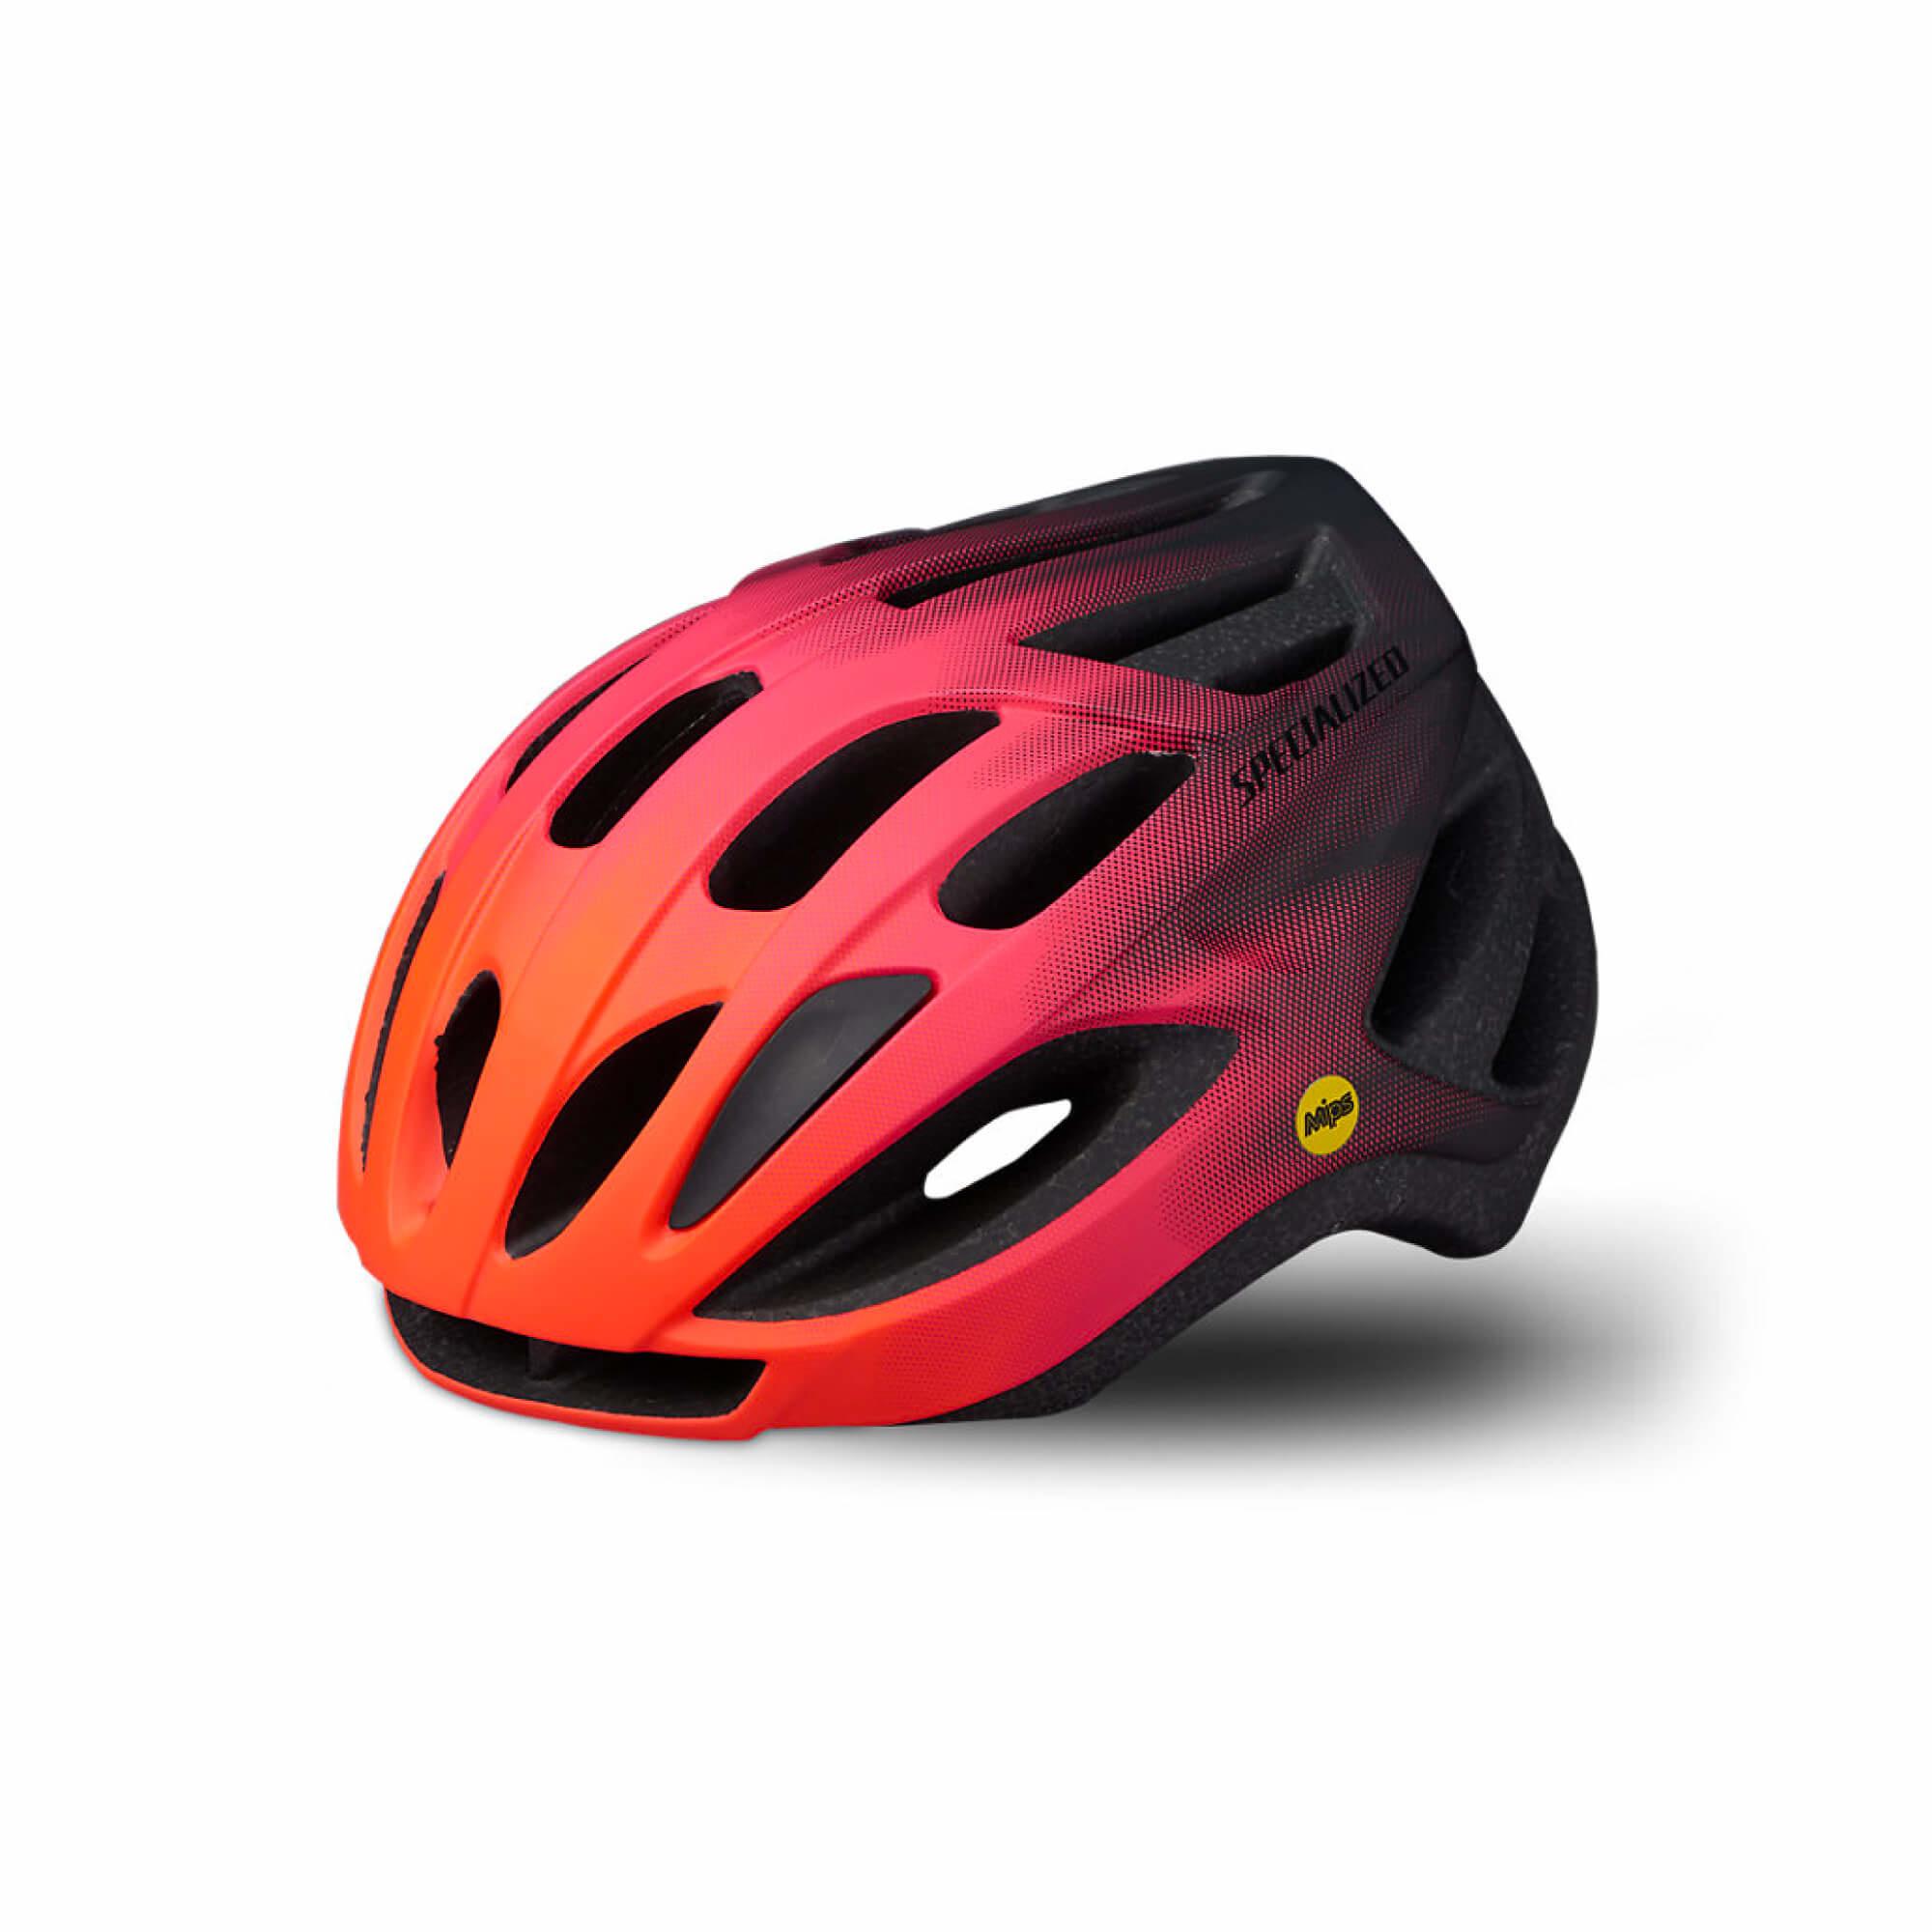 Align Helmet Mips-8